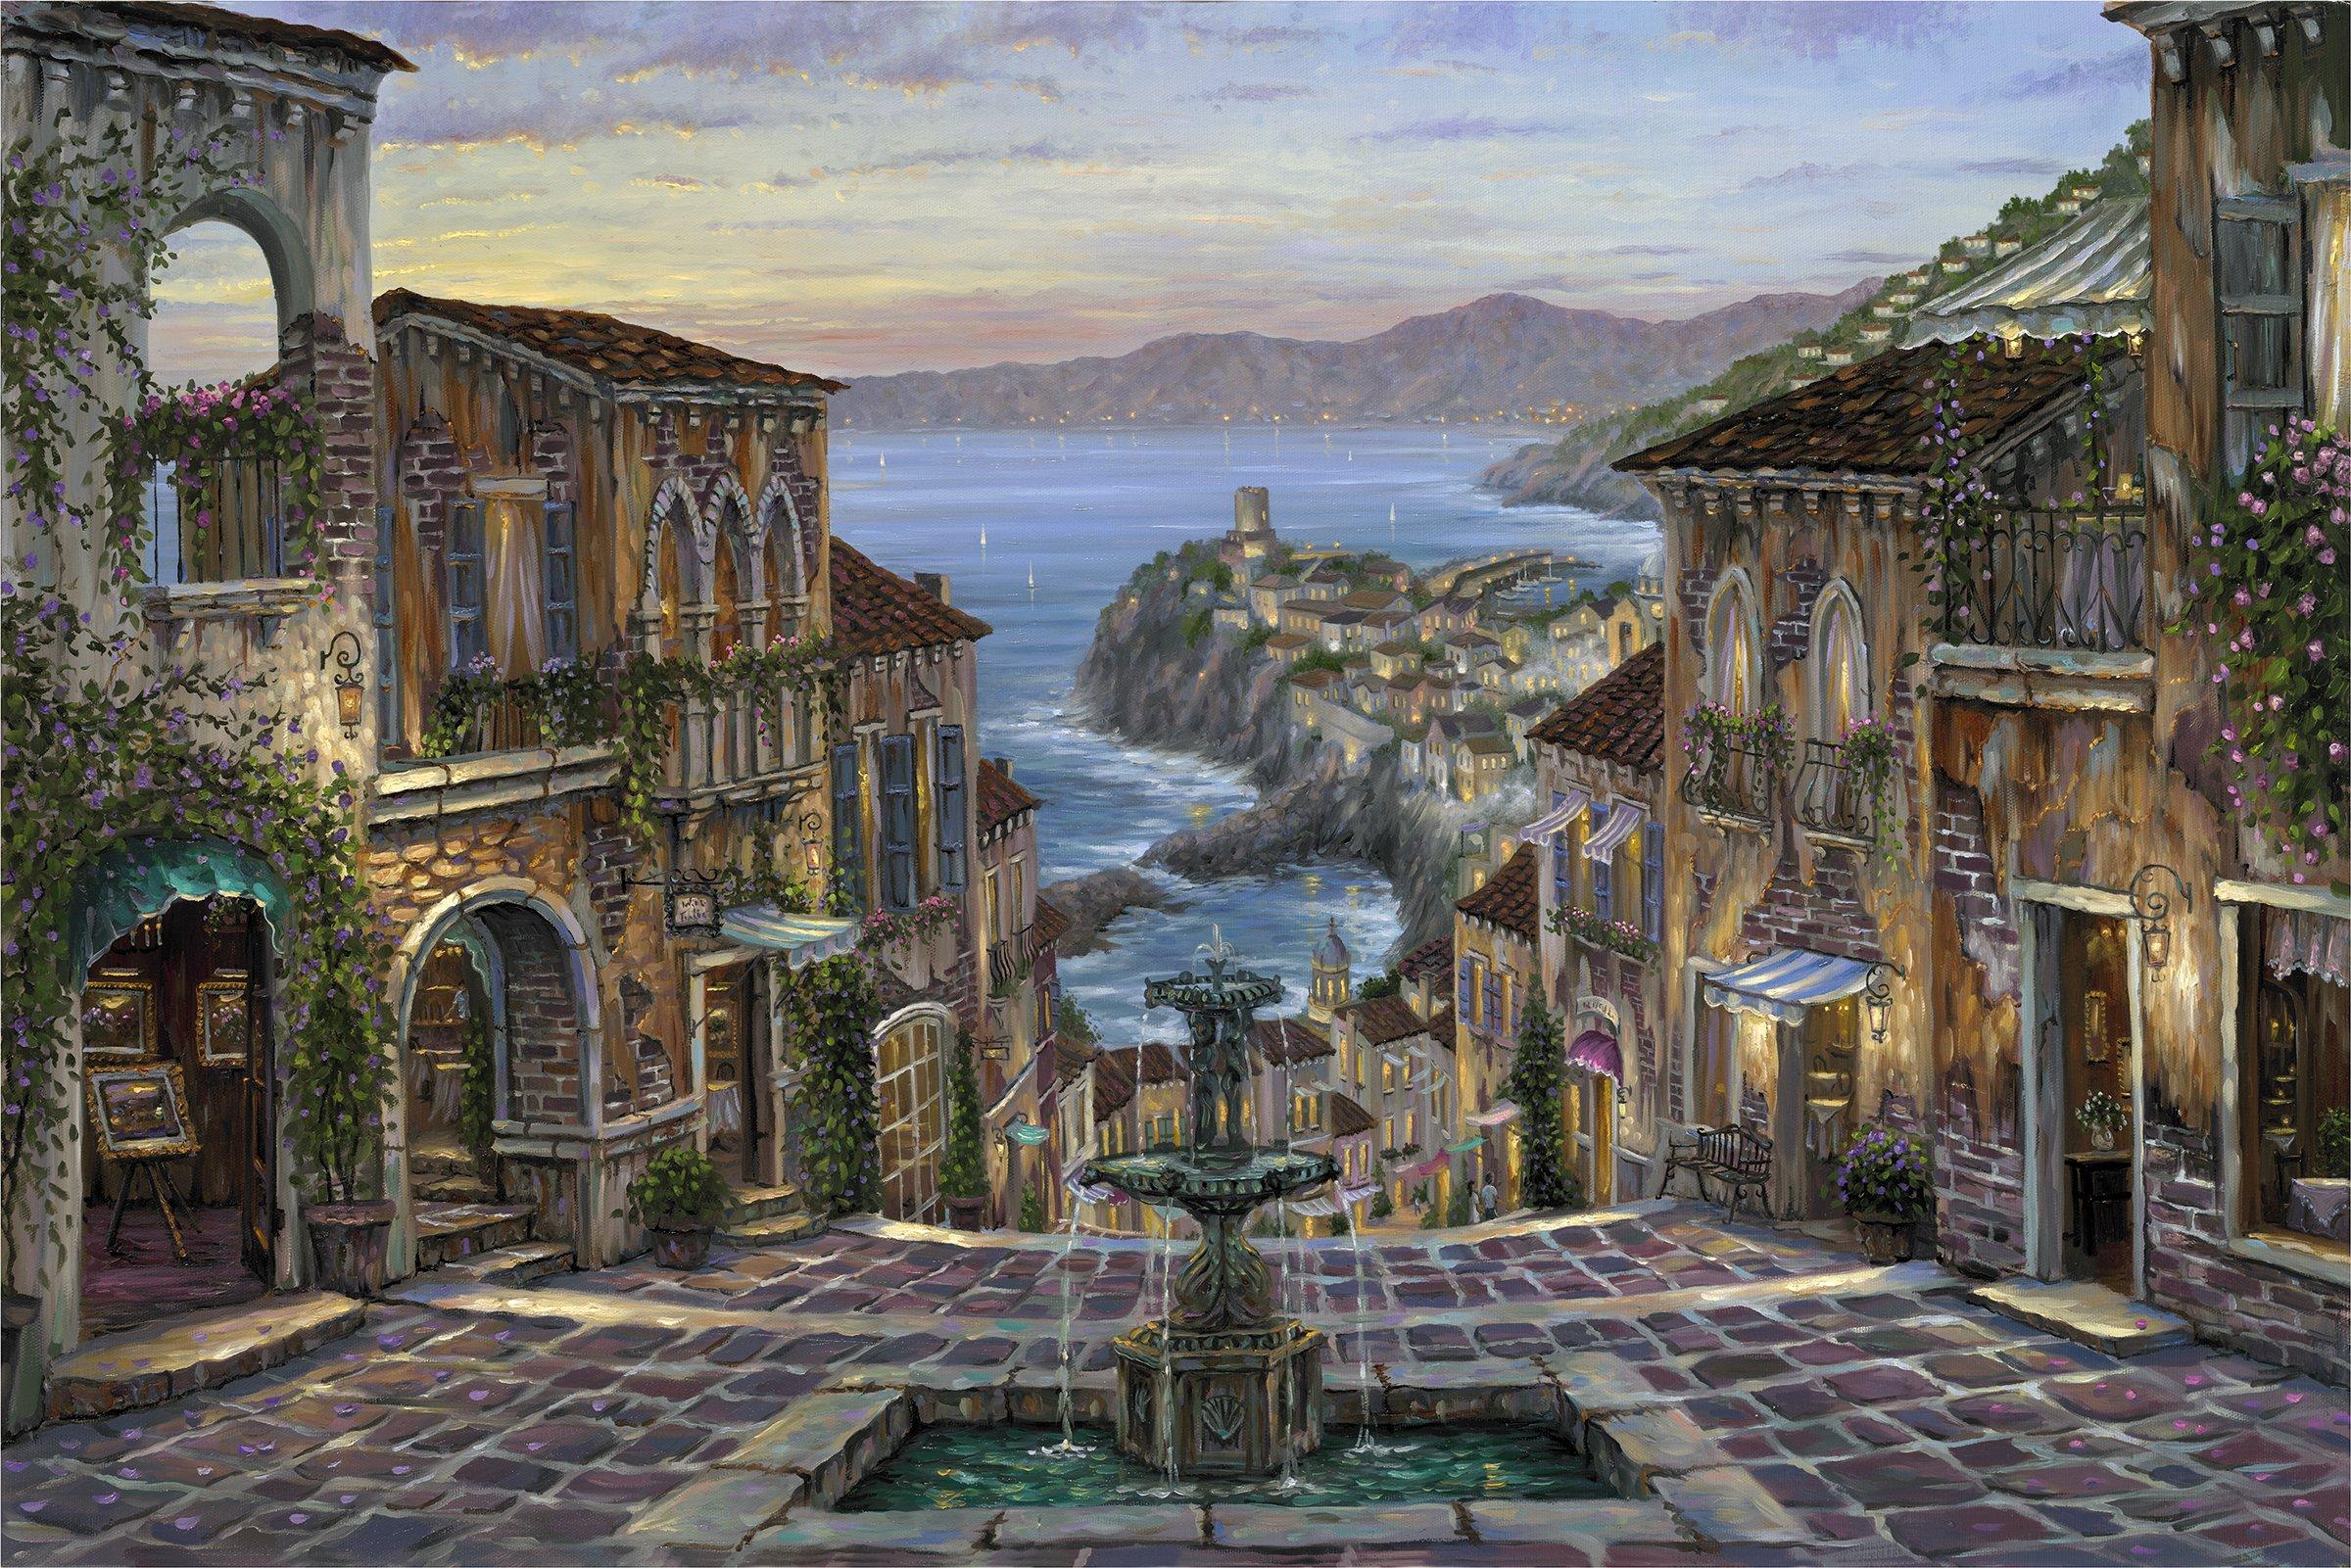 Красивые картинки древнего города ребенка школе